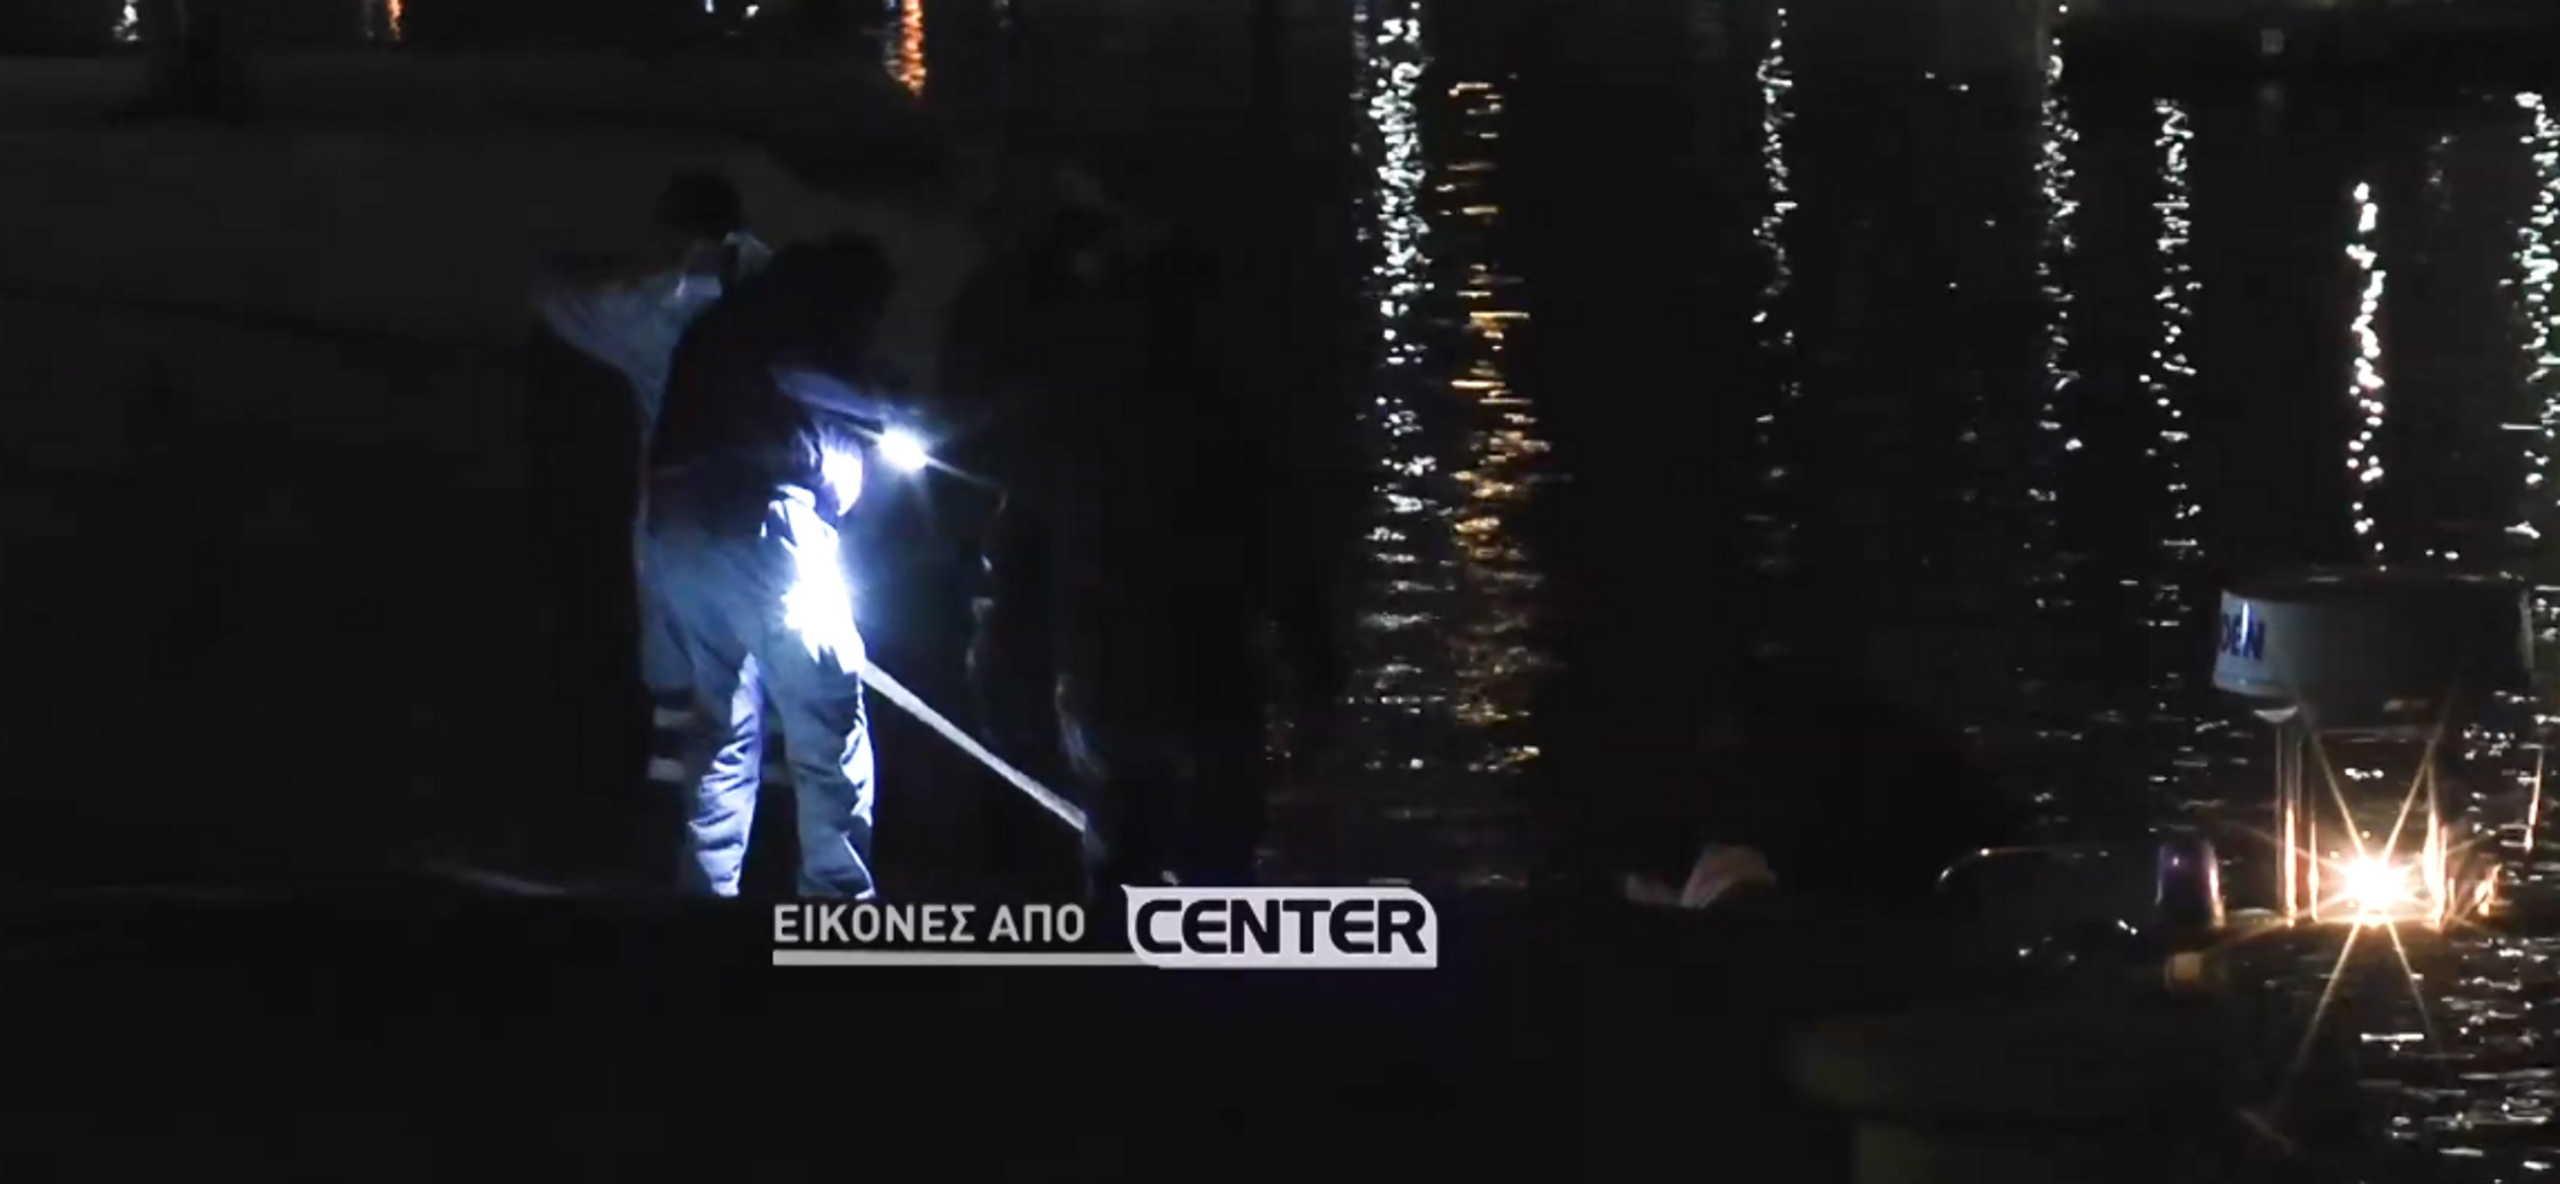 Μυστήριο με νεκρή 89χρονη μέσα στο λιμάνι της Καβάλας (video)